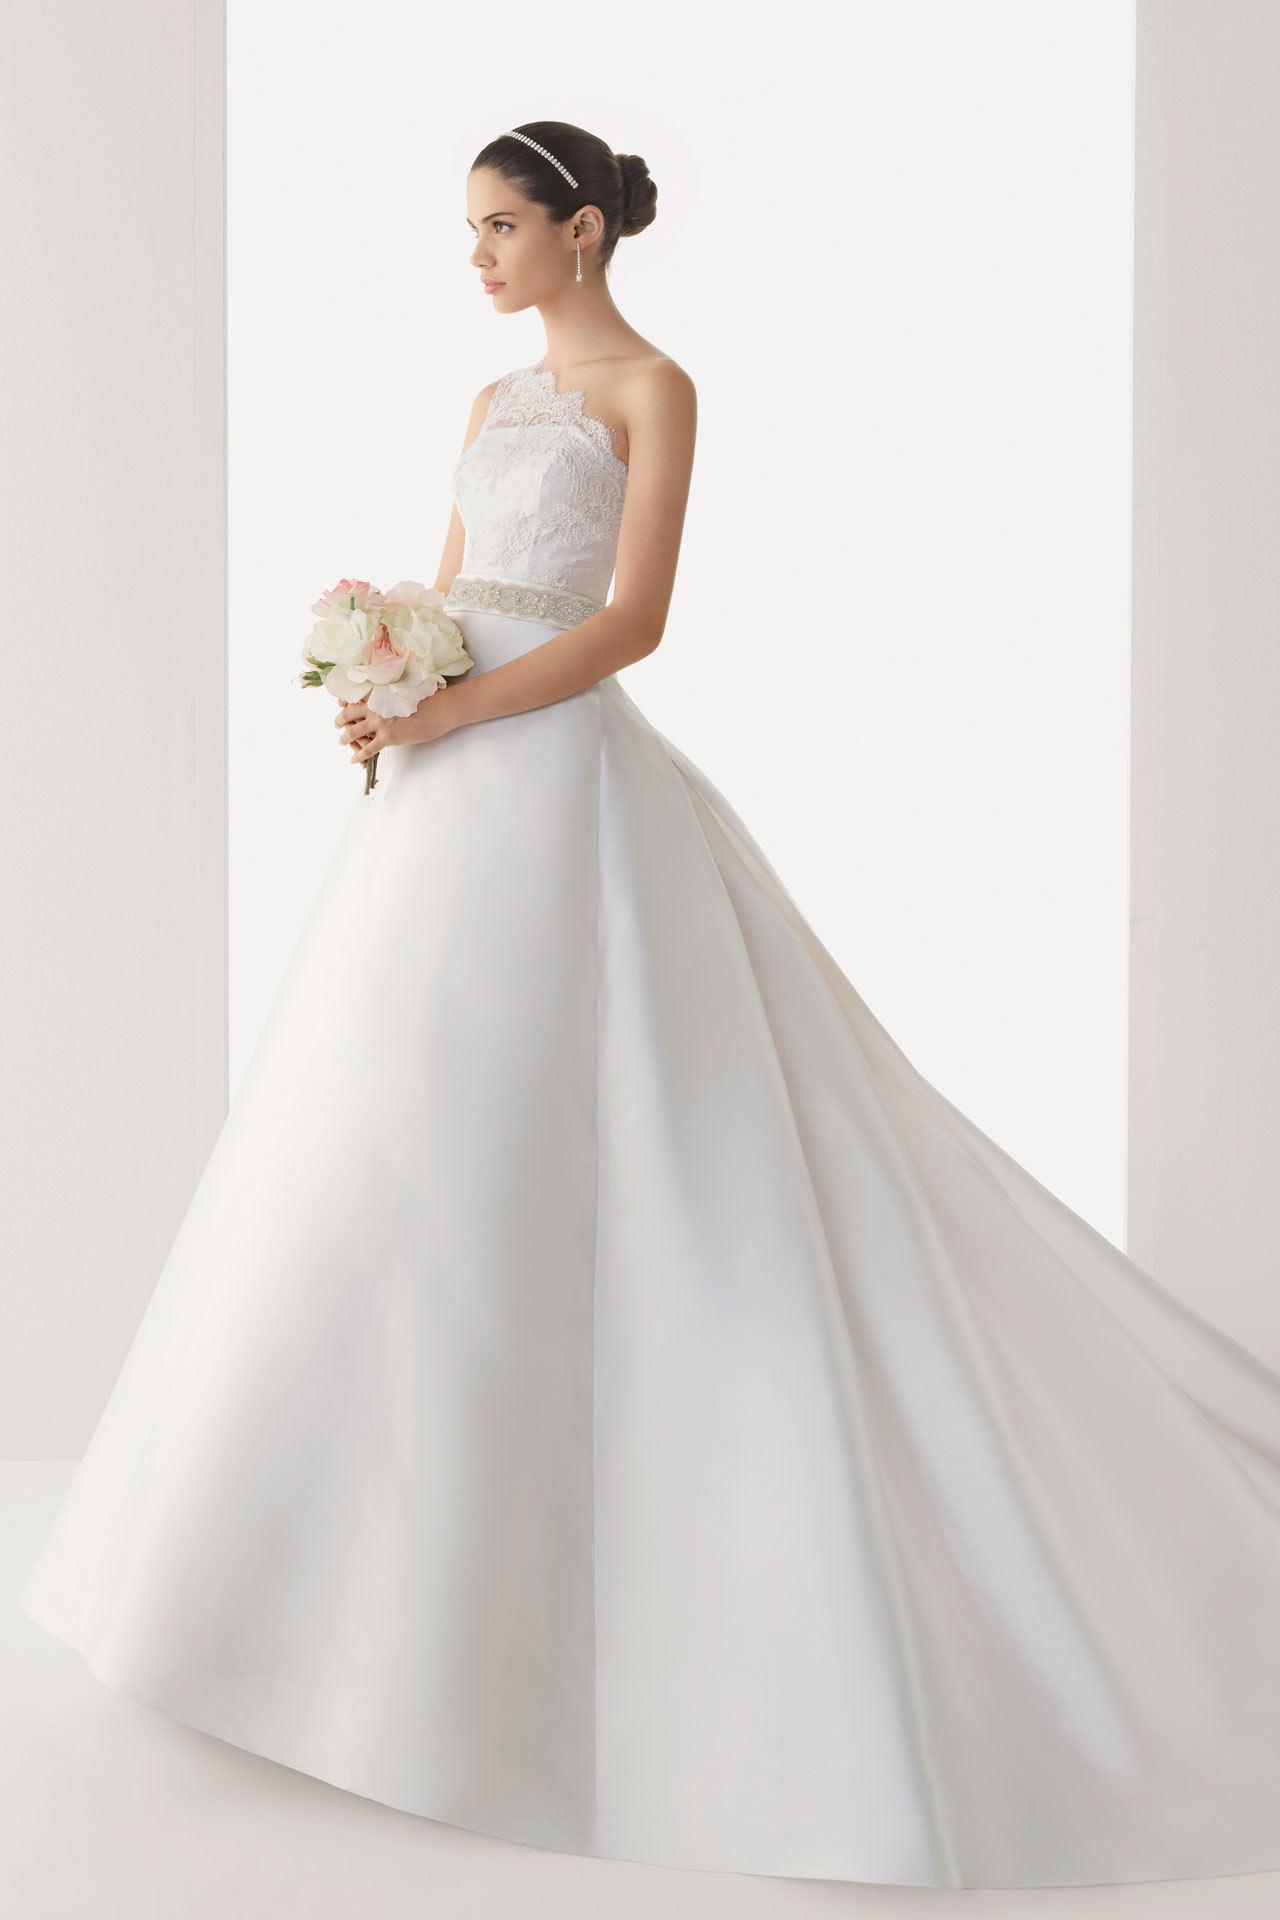 Großzügig Kate Hudson Brautkleid Zeitgenössisch - Brautkleider Ideen ...